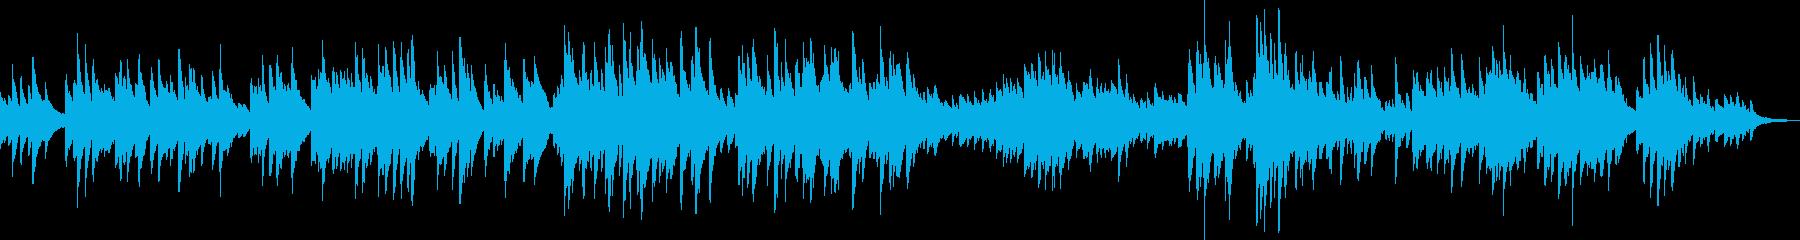 重く悲しいピアノソロ曲の再生済みの波形